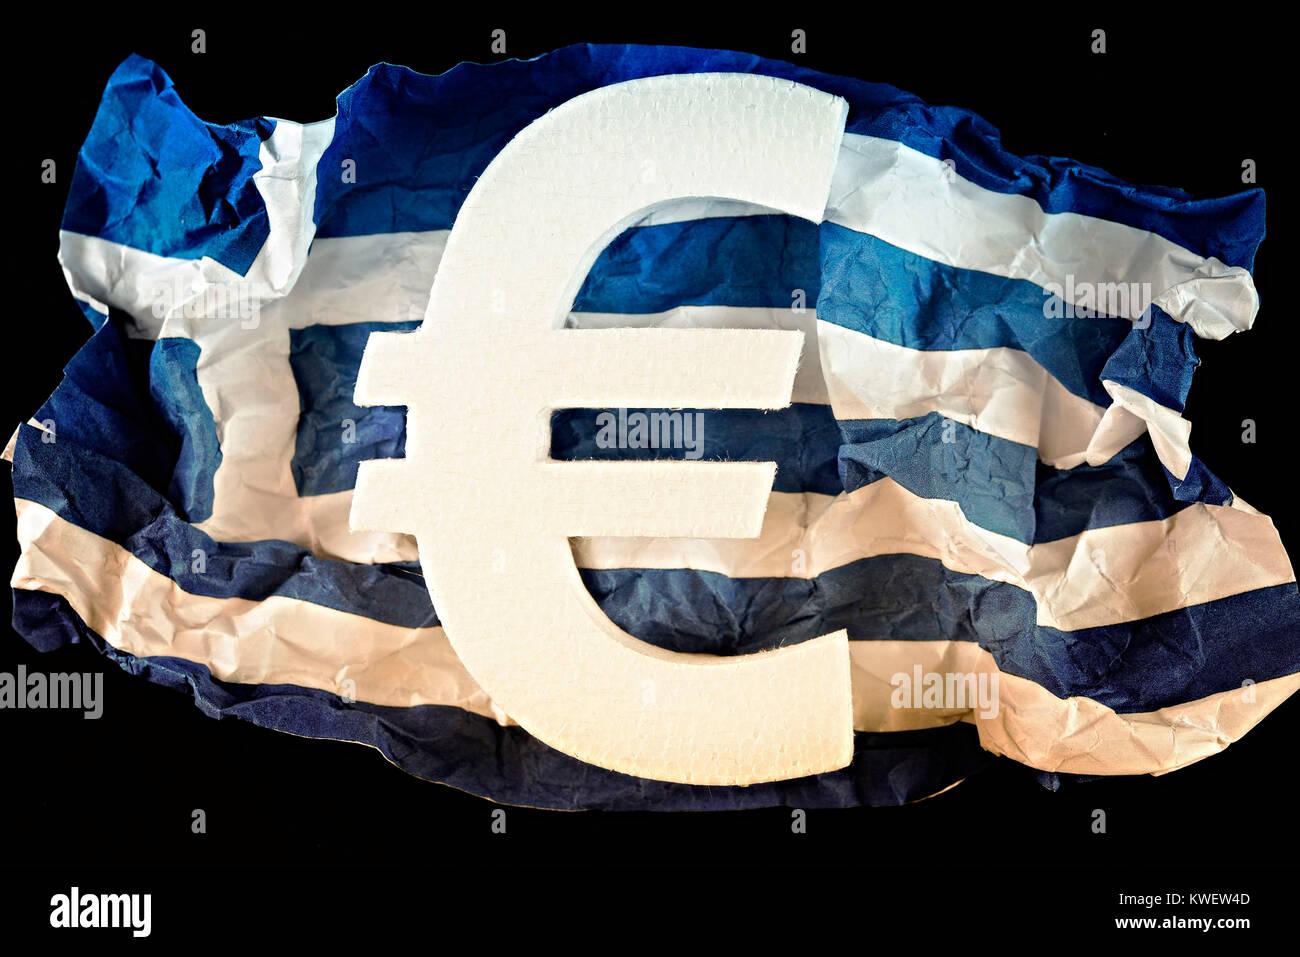 Greek flag with eurosign, symbolic photo debt quarrel, Griechische Fahne mit Eurozeichen, Symbolfoto Schuldenstreit Stock Photo